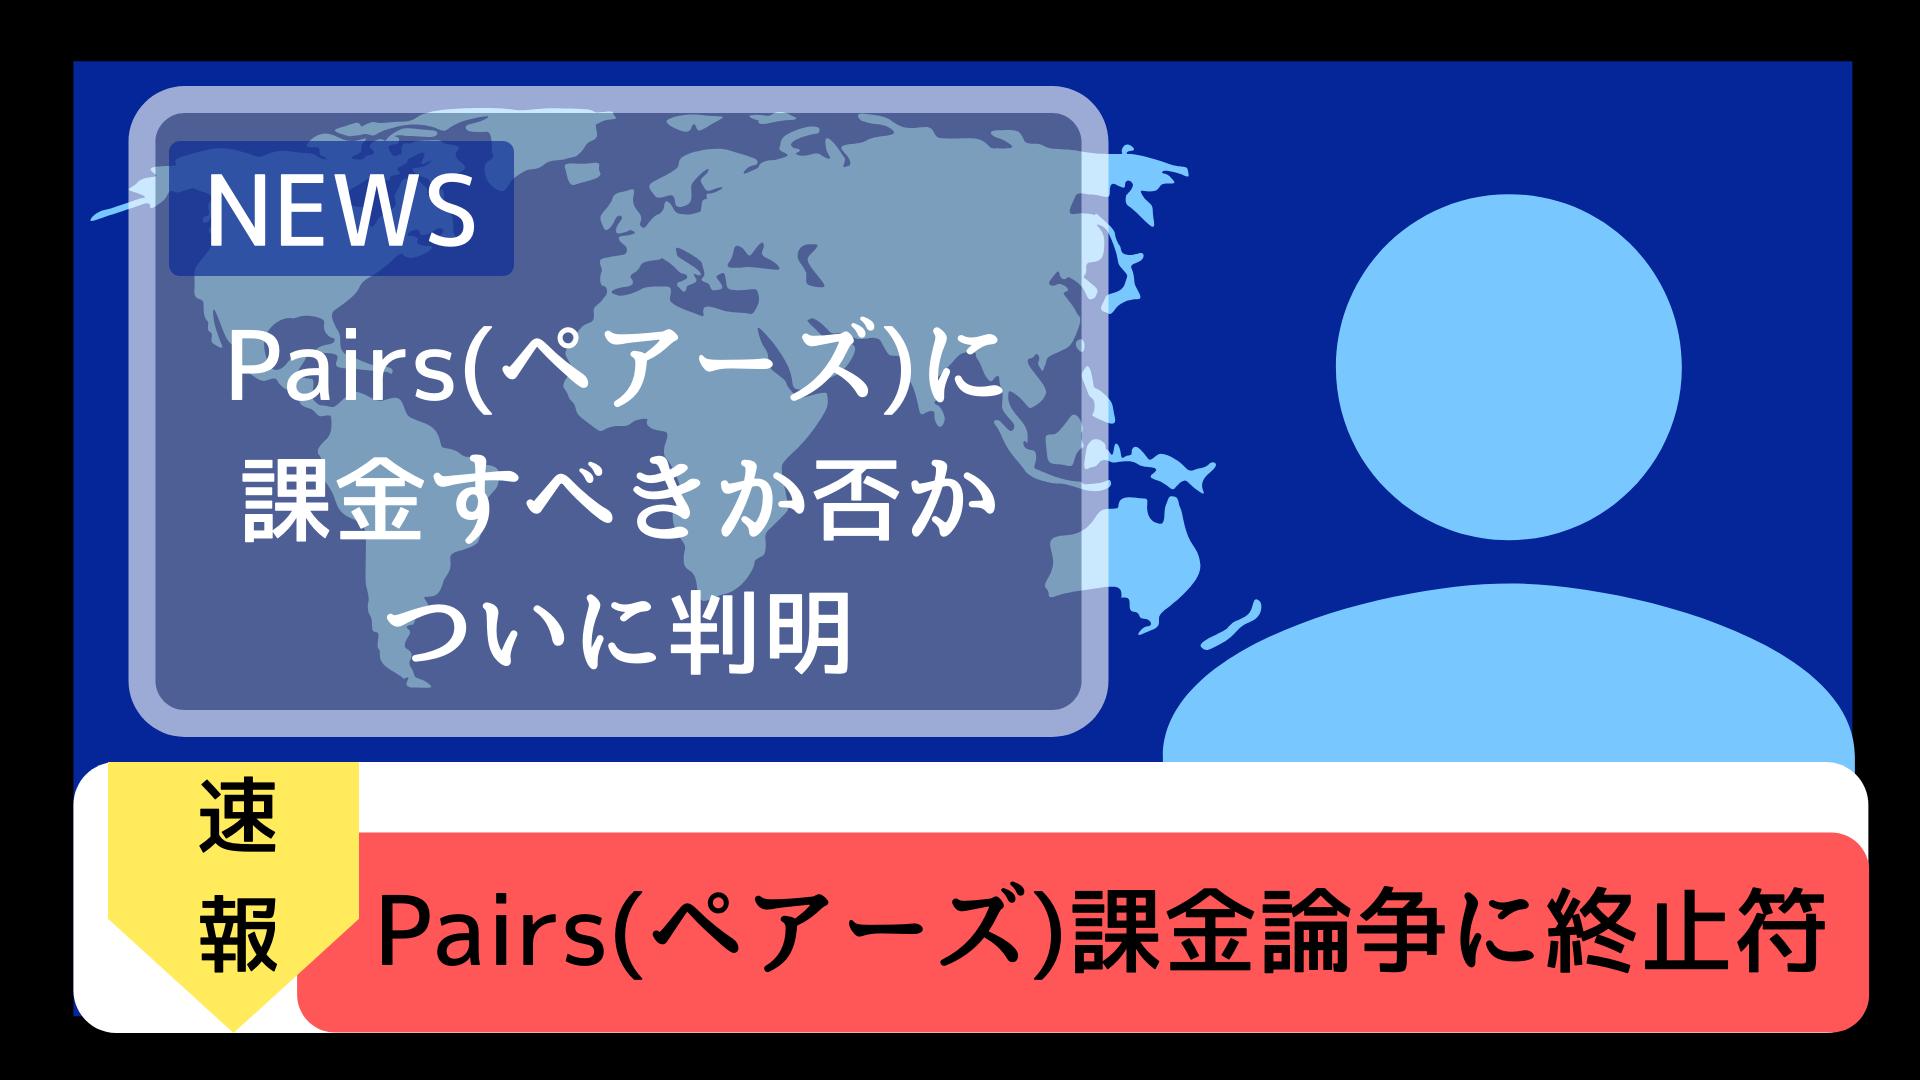 【結論】Pairs(ペアーズ)には課金すべき?おすすめ課金プランと料金体系